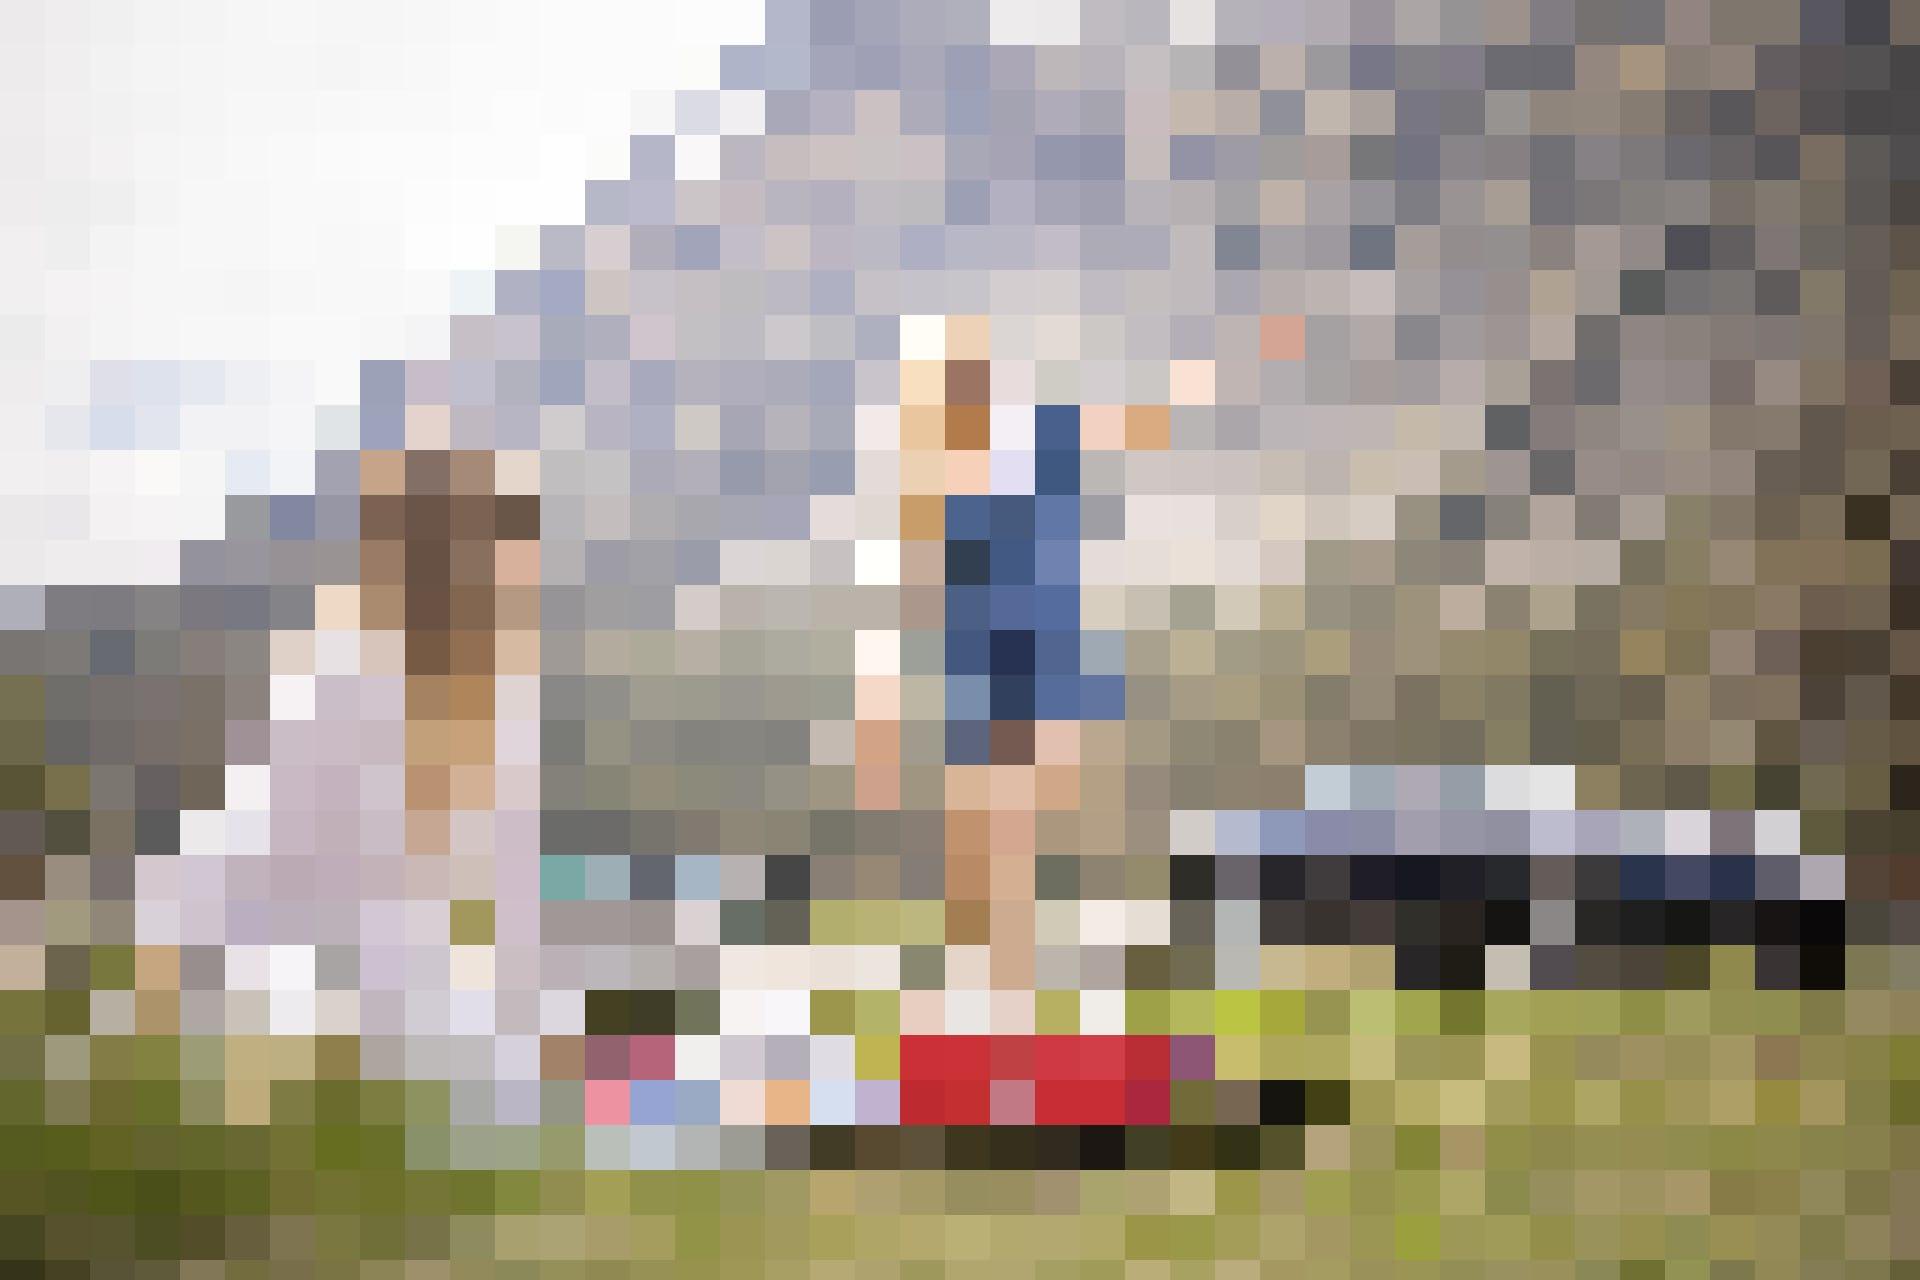 Der Silvaplanersee bietet Gelegenheit für ein gemütliches Picknick im Grünen.